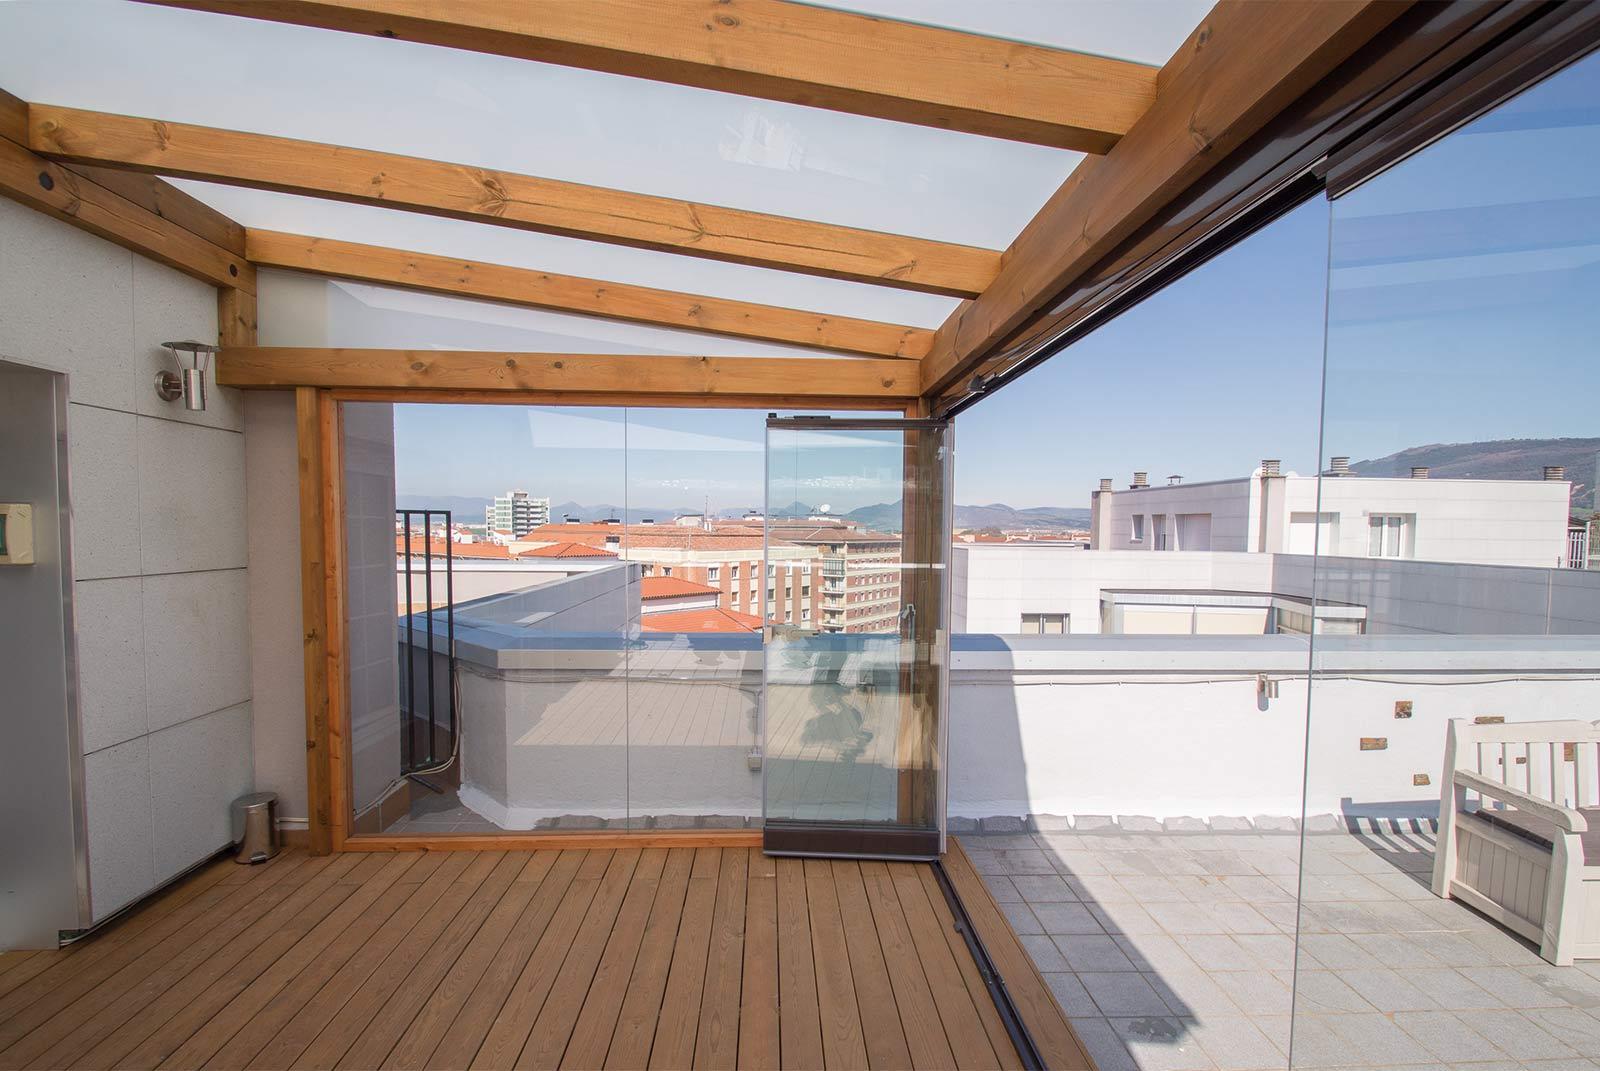 Porche acristalado en terraza de tico proyectos echarri - Cerramientos de terrazas de aticos ...